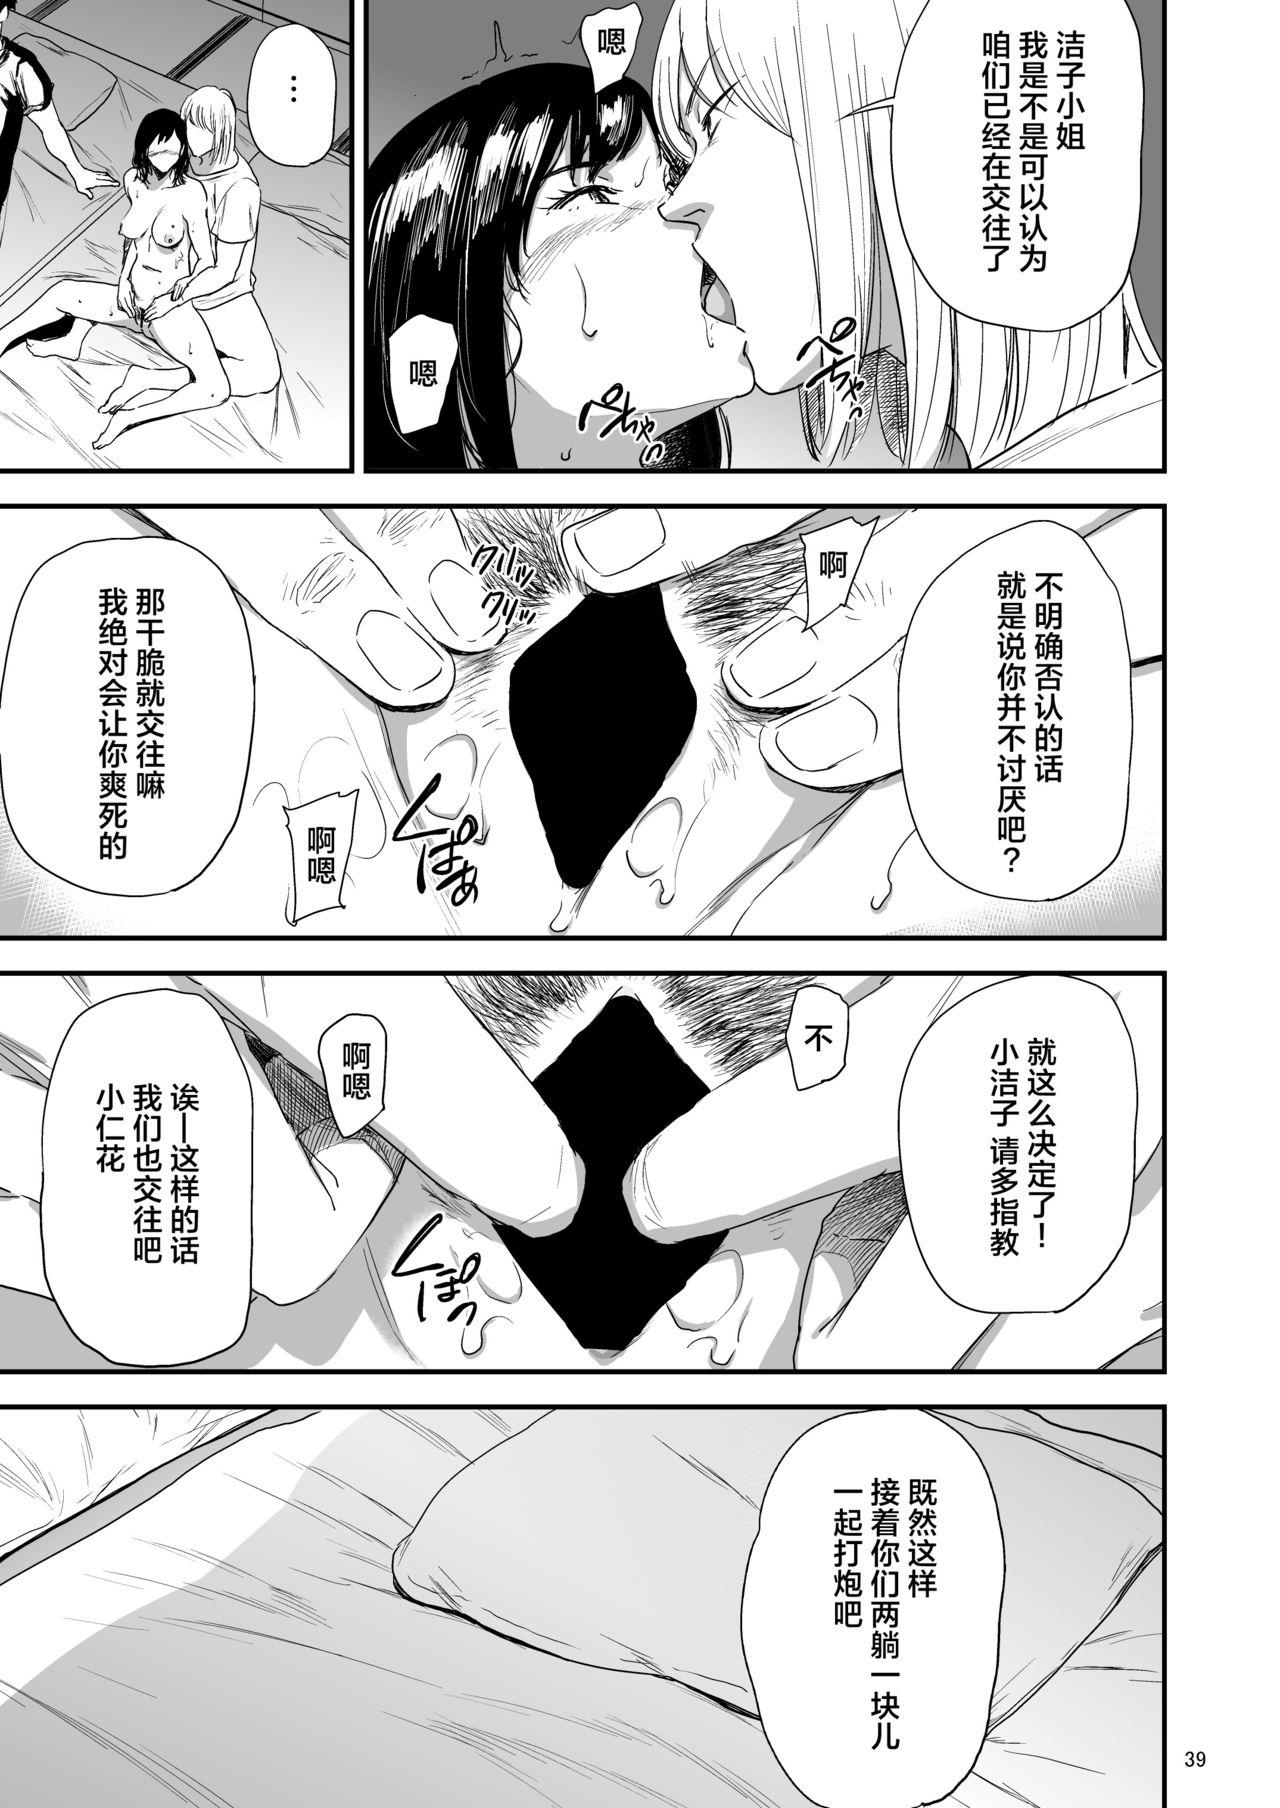 Saeko Nee-san ga Daigaku no Doukyuusei ni Itazura Sare Moteasobareru Hon 3 38